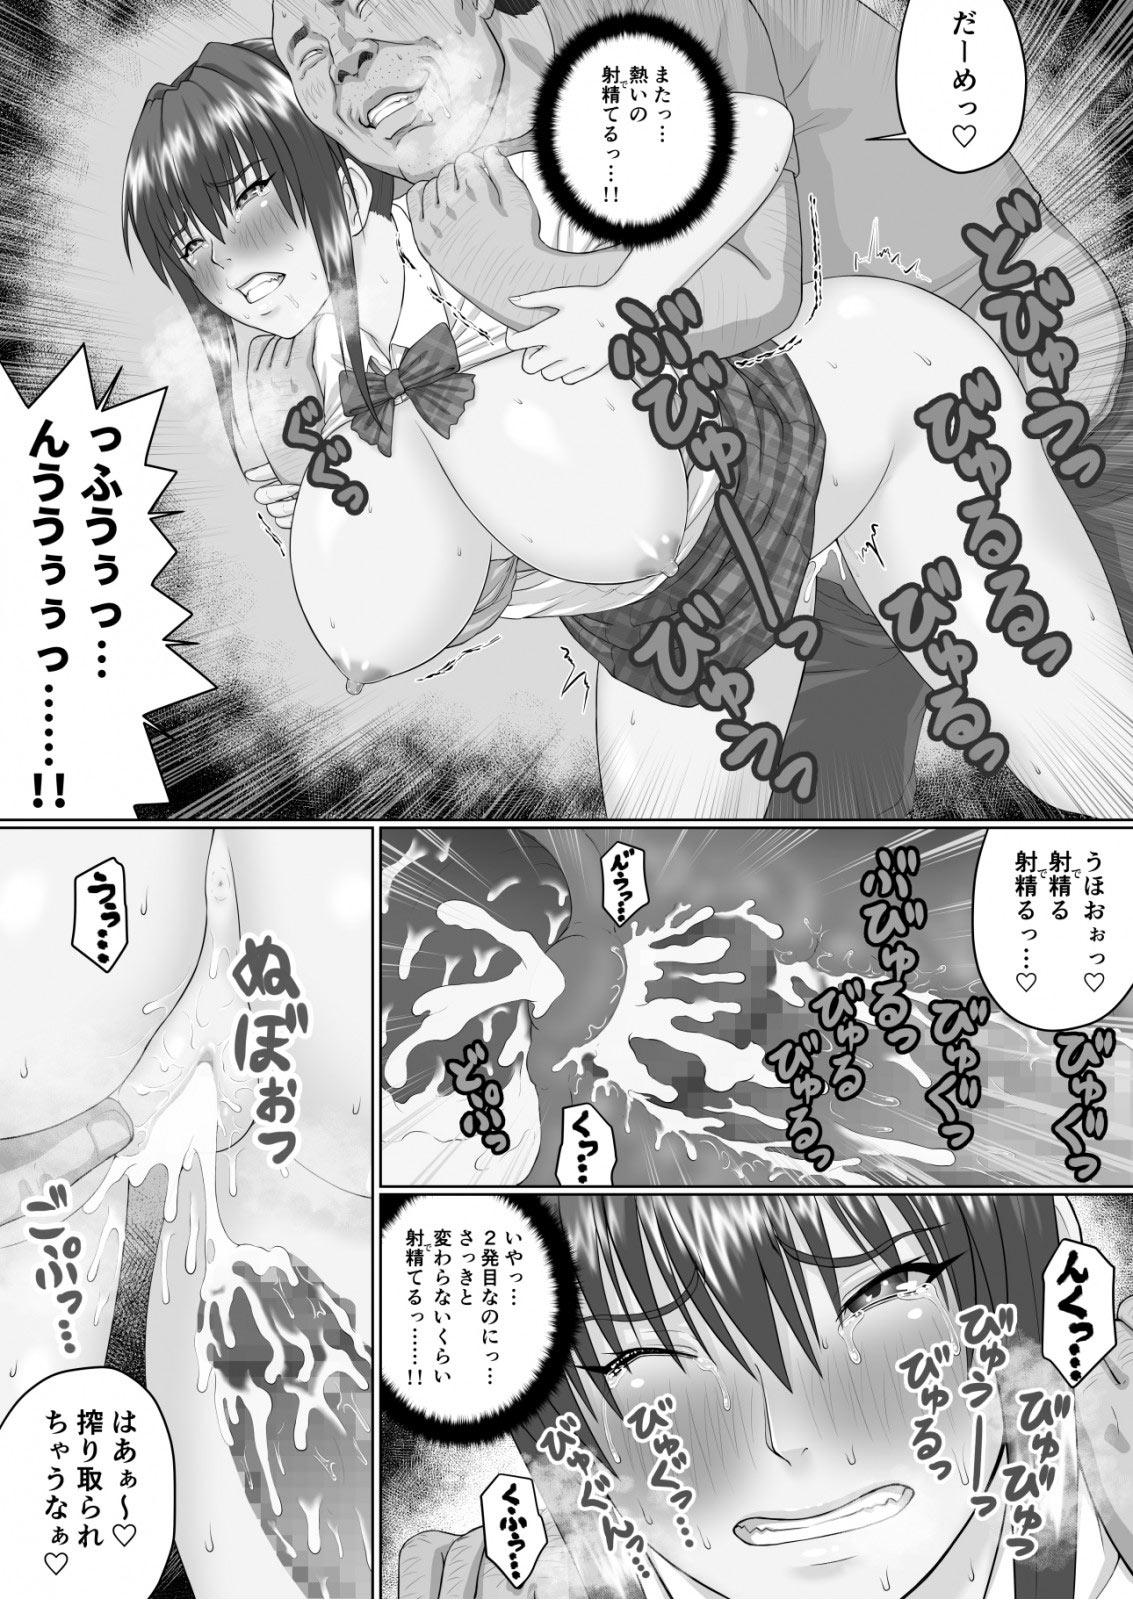 膣内射精おじさんに狙われた女は逃げることができない 〜瀬長沙姫編 VOL.1〜のサンプル画像4